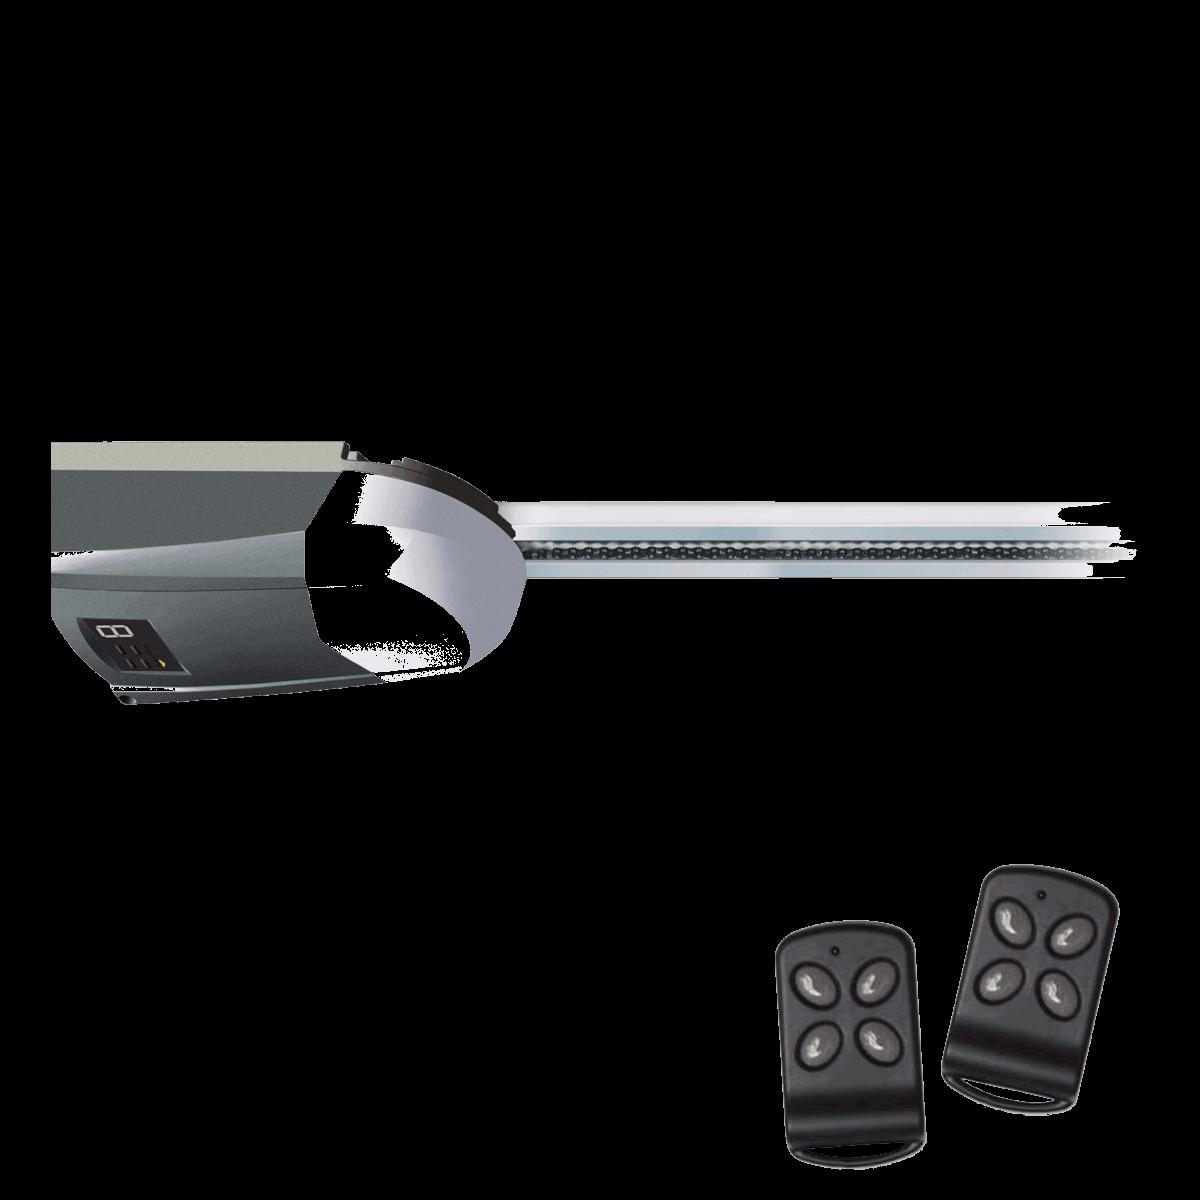 Schellenberg Smart Drive 14 Premium Garagentorantrieb inklusive 2 Handsendern max 14,0 m² Torfläche